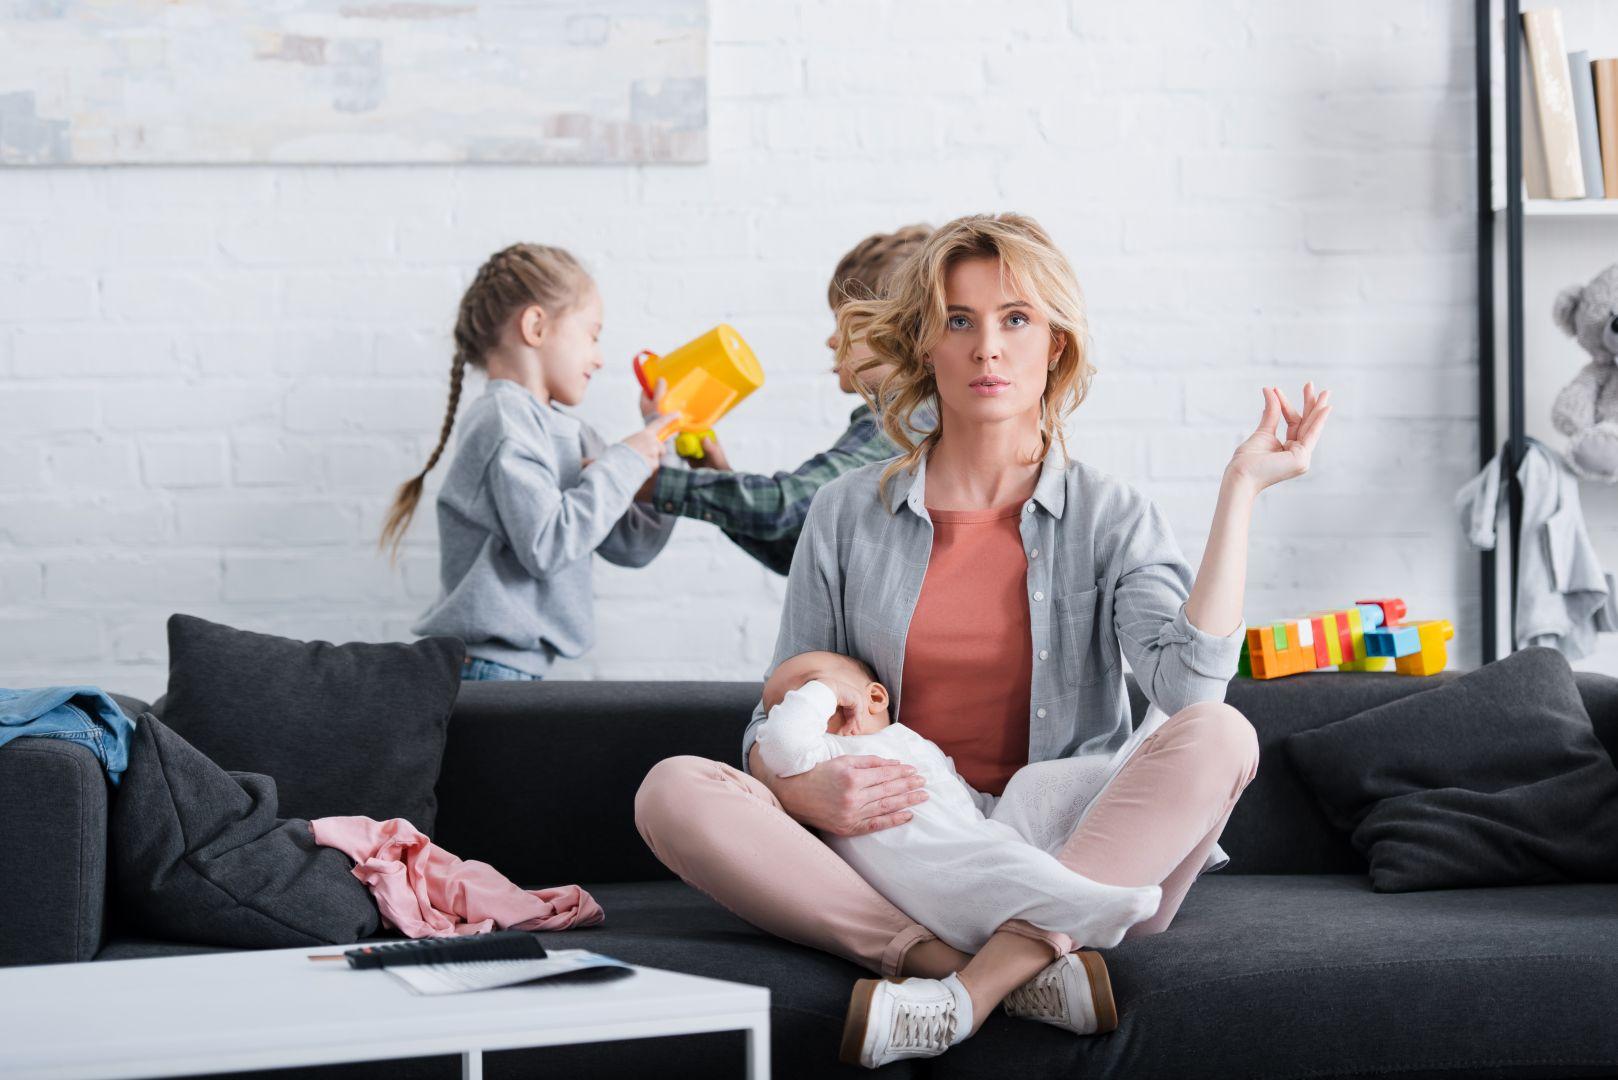 Мама устала: почему утомляться - это нормально? - Телеканал «О!»